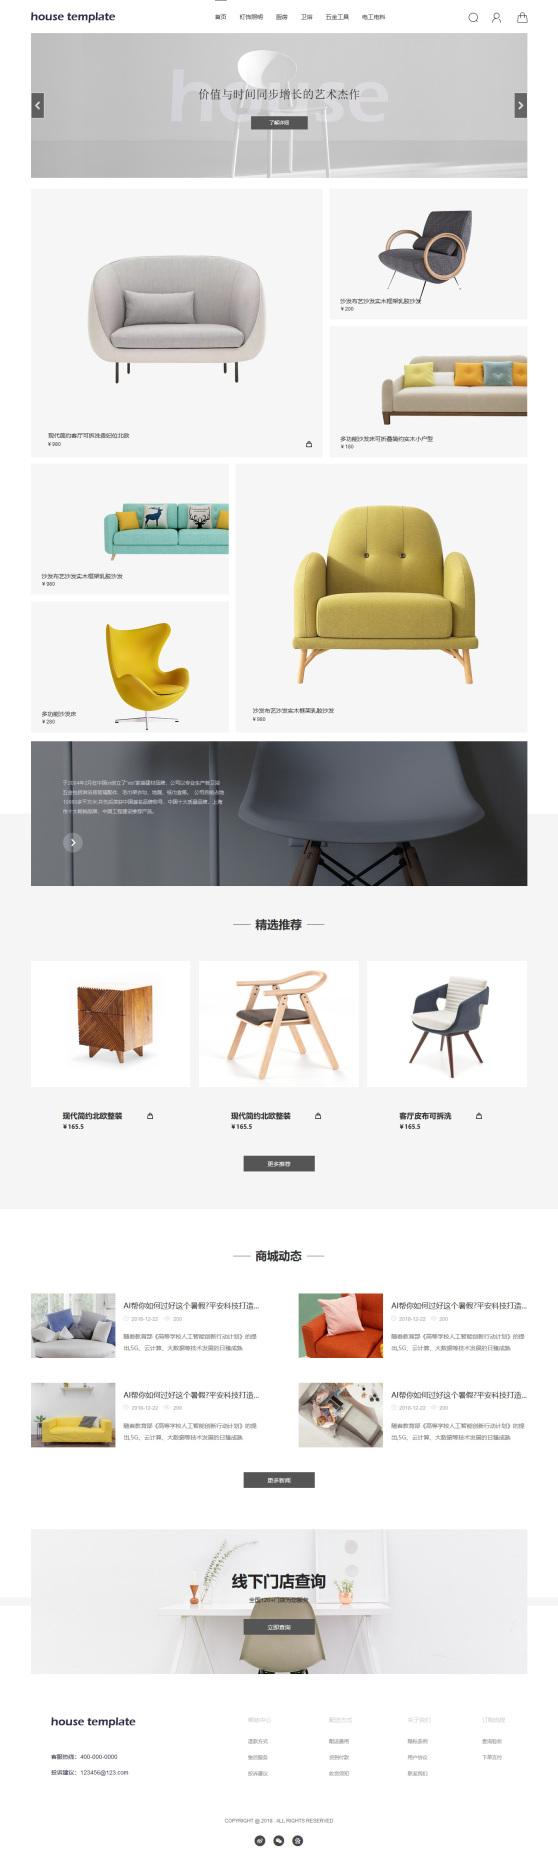 原创家居家具商城网站模板